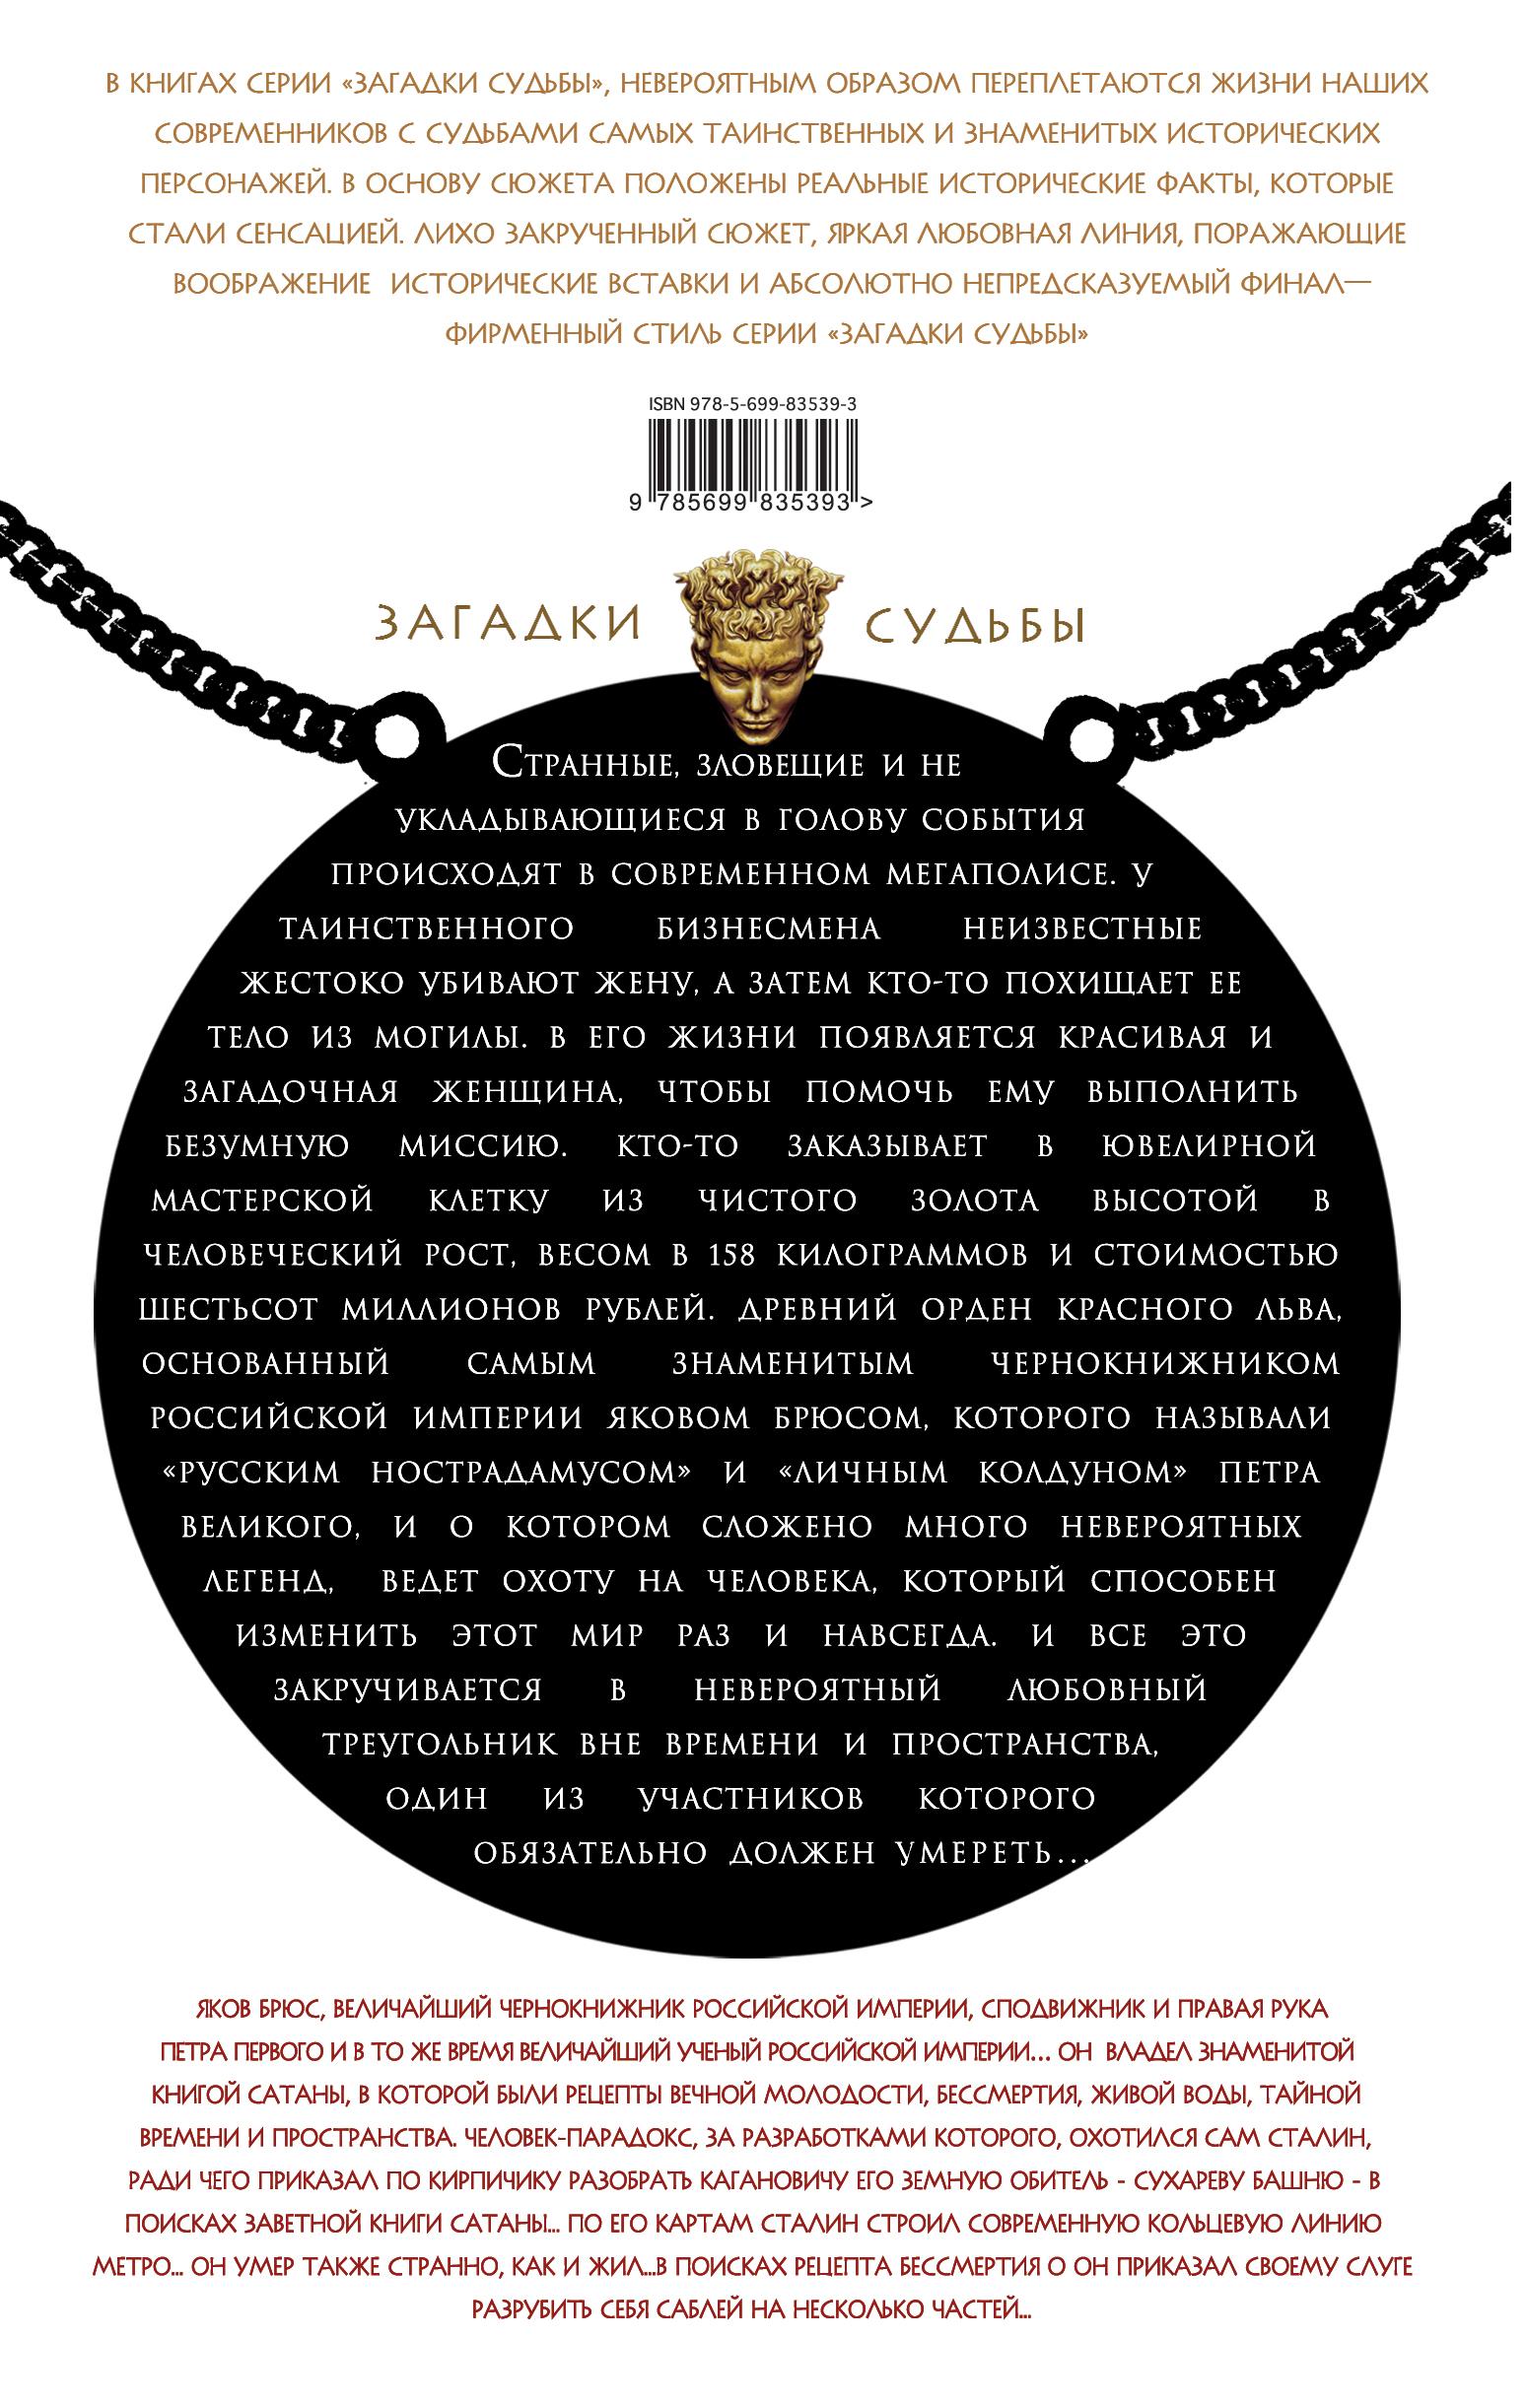 Жена алхимика. Тайна русского Нострадамуса. Полина Голицына